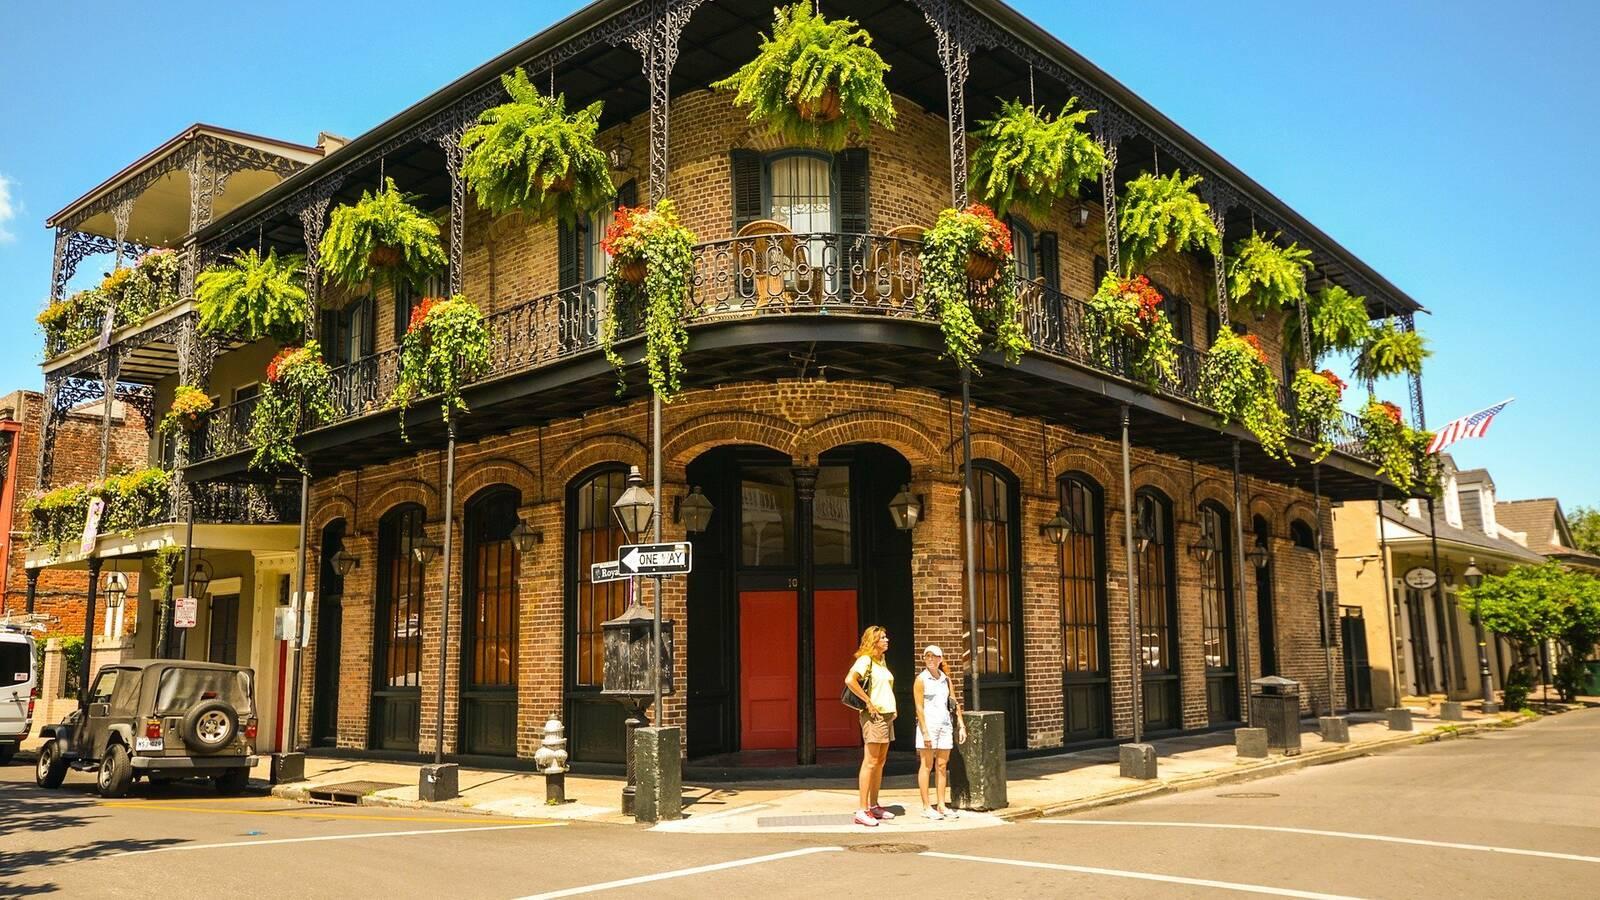 Louisiane new orleans quartier franccais